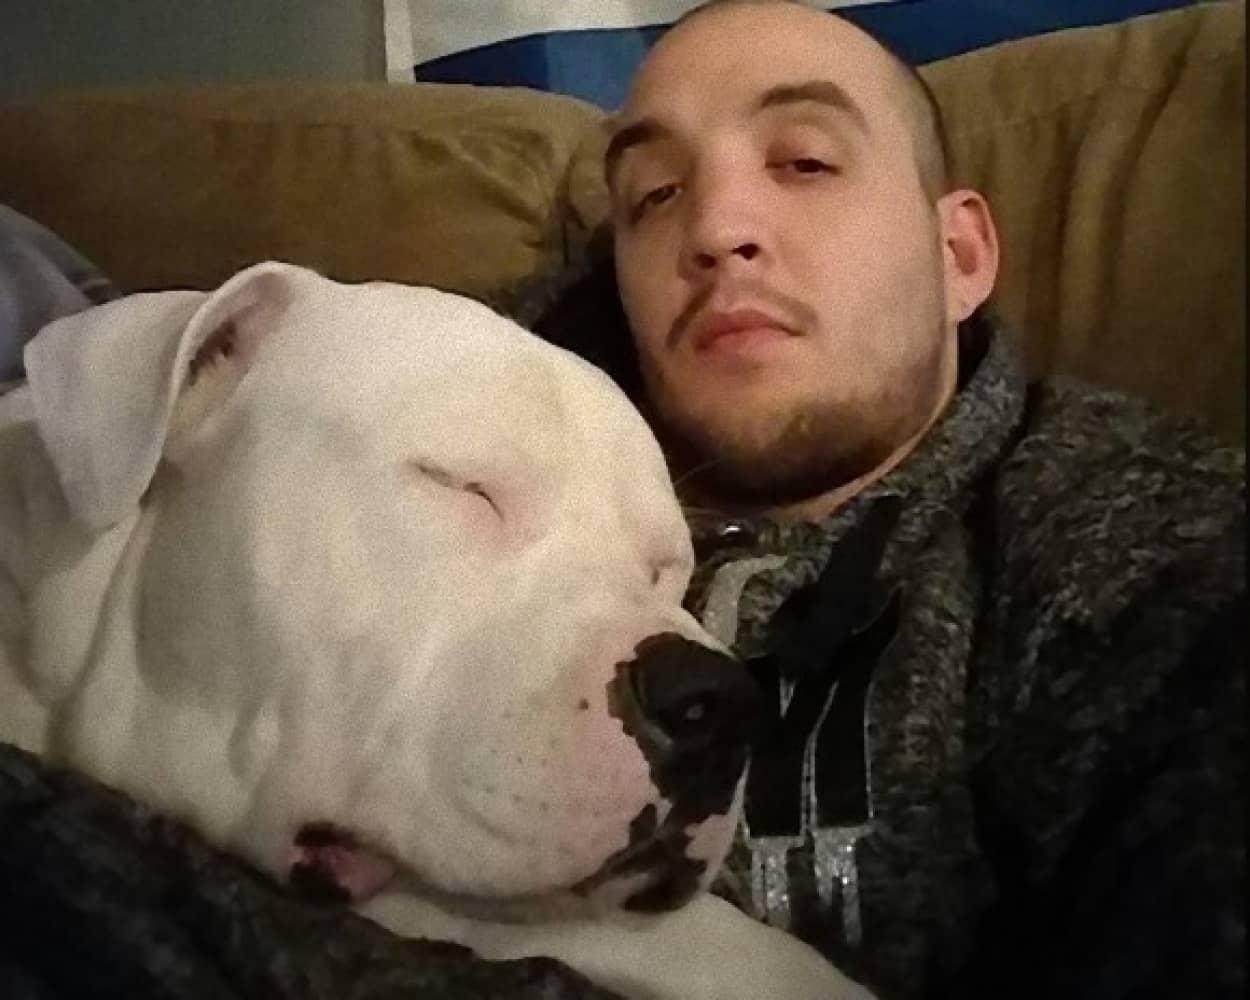 愛犬の手術代のためにすべてをなげうつ覚悟をした男性の物語